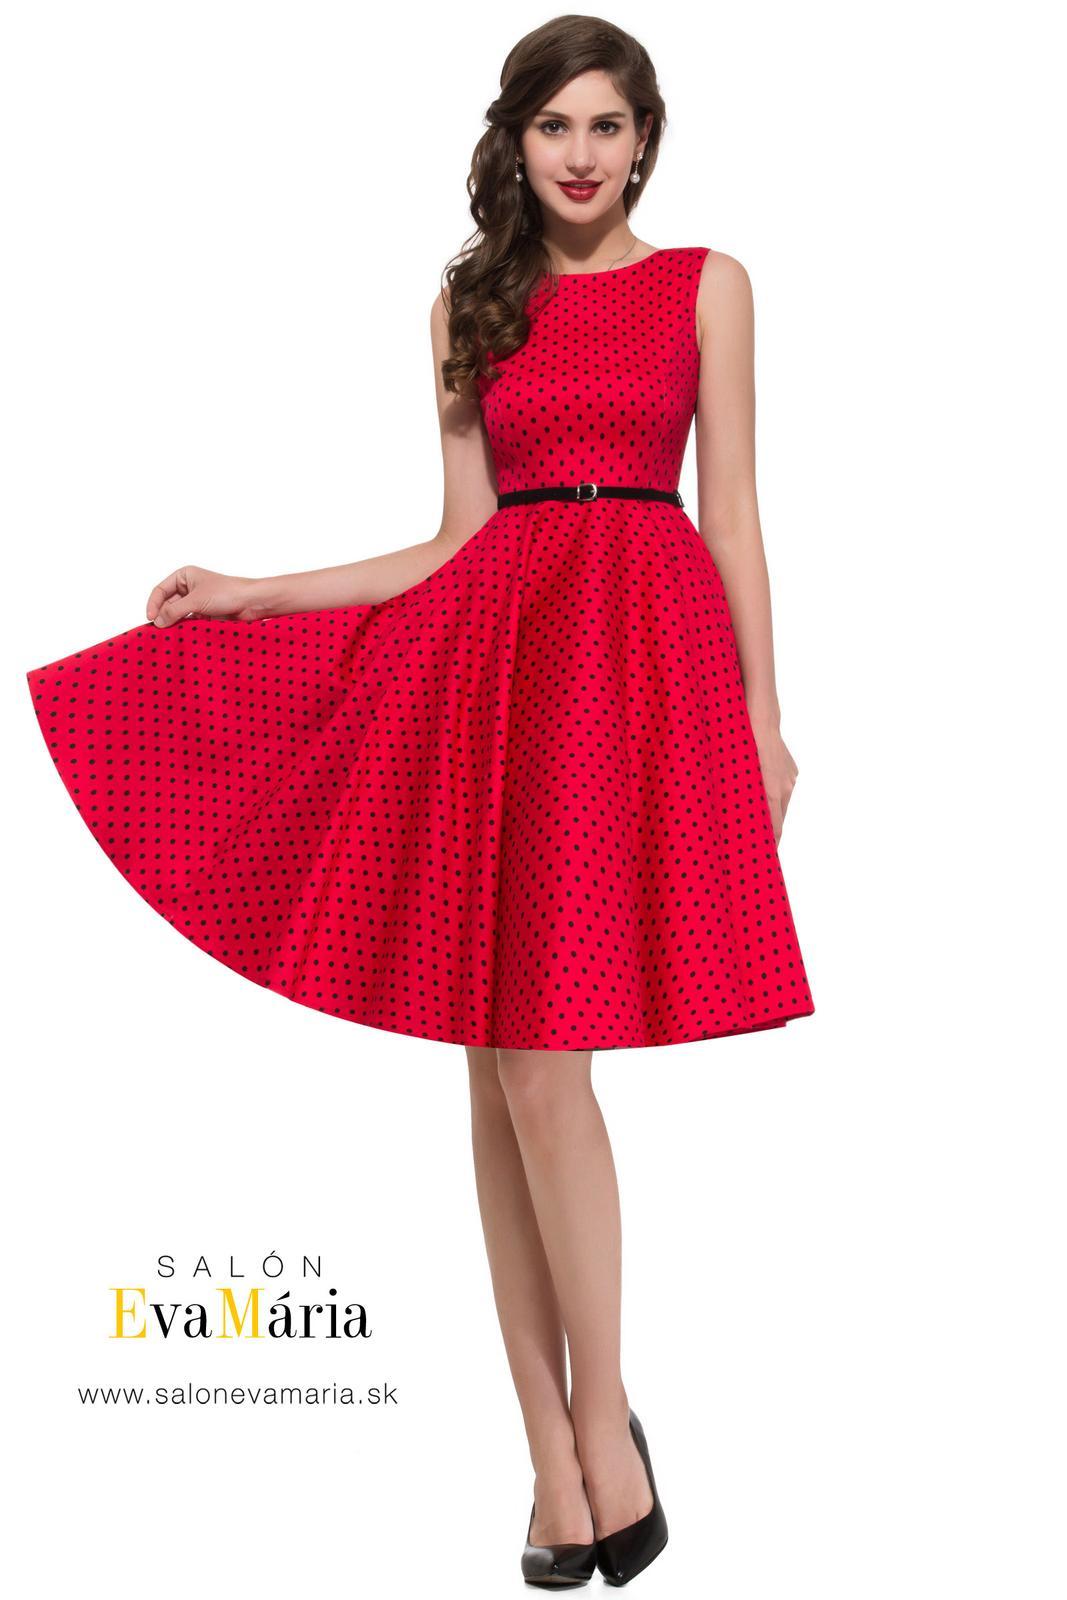 Retro šaty - Prekrásne červené retro šaty SKLADOM: http://salonevamaria.sk/index.php?id_category=27&controller=category NA OBJEDNÁVKU: http://salonevamaria.sk/index.php?id_category=10&controller=category